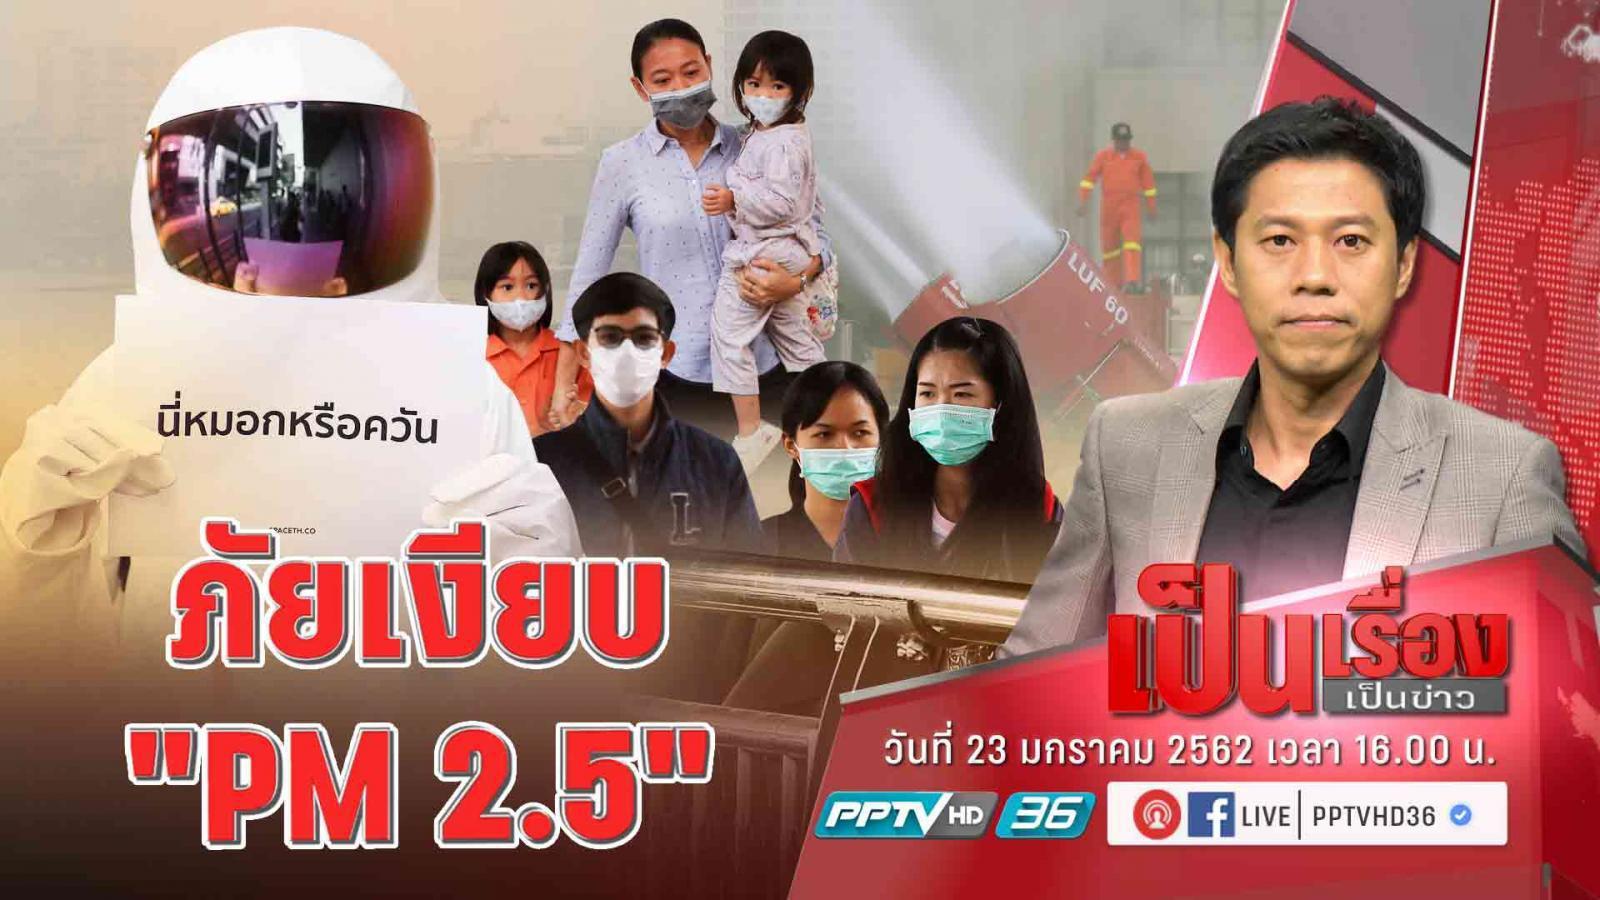 """""""นักเคมี"""" ชี้ รถพ่นละอองน้ำ ไม่ช่วยลด PM 2.5 แถมเสี่ยงเกิดฝุ่นเพิ่มเพราะใช้เครื่องดีเซล"""